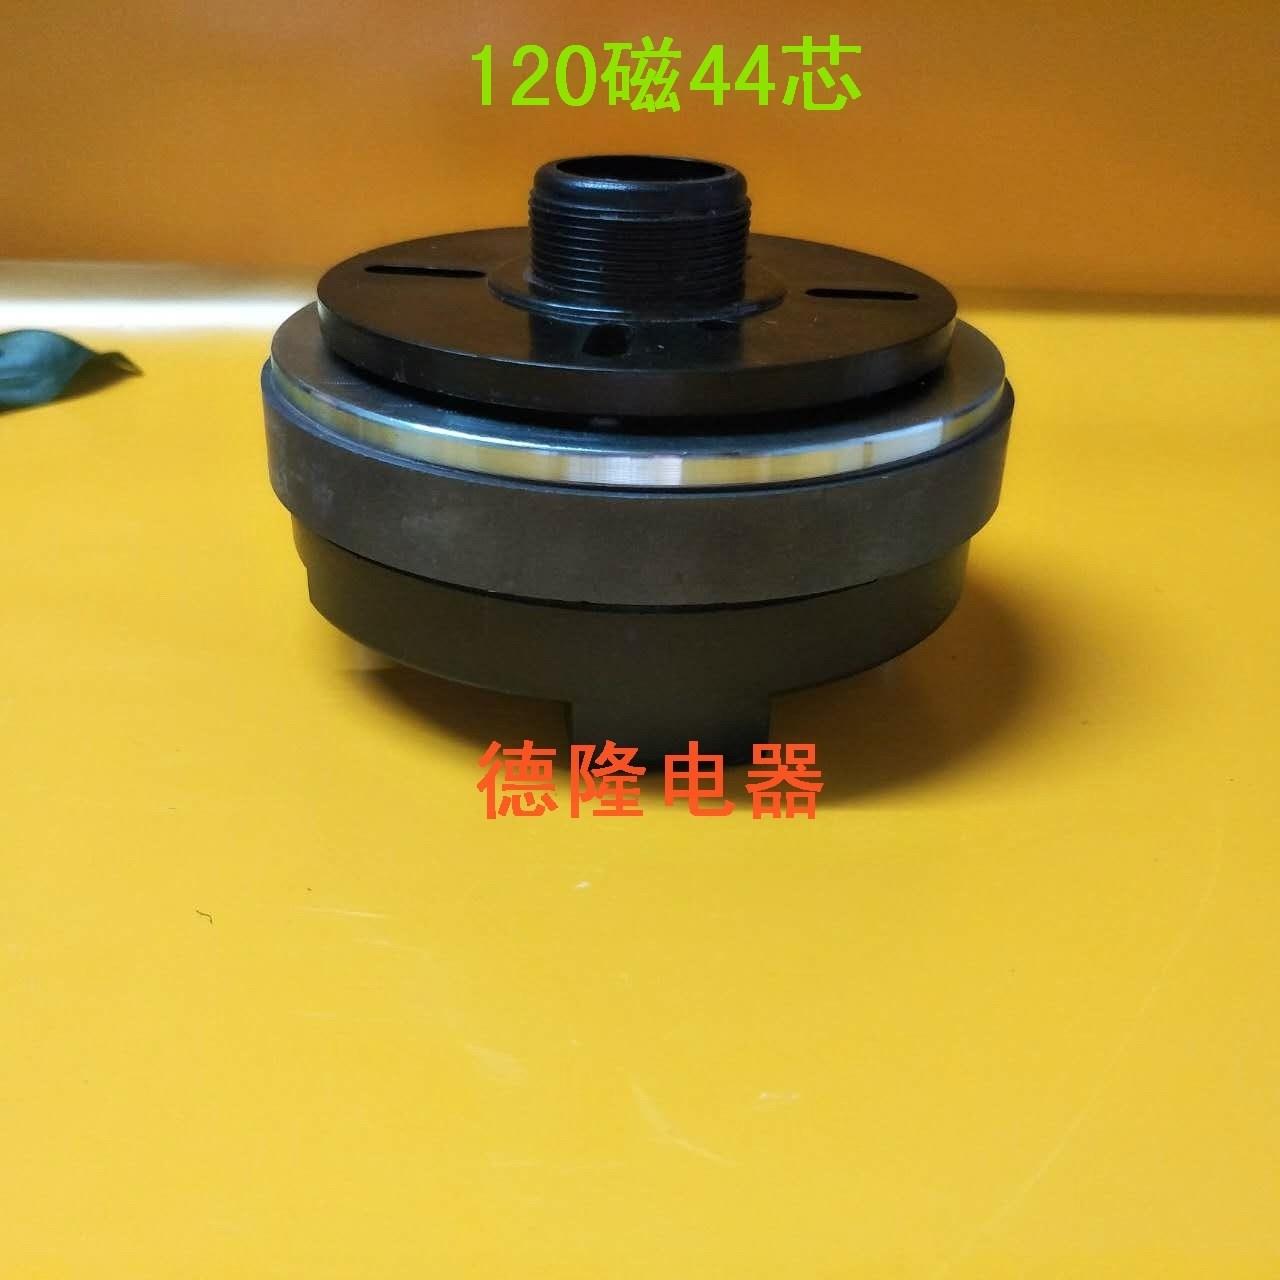 professionelle fase højttaler 12 cm 15 cm, 18 cm tweeter højttaler horn 120 magnetisk 44 centrale kører hoved